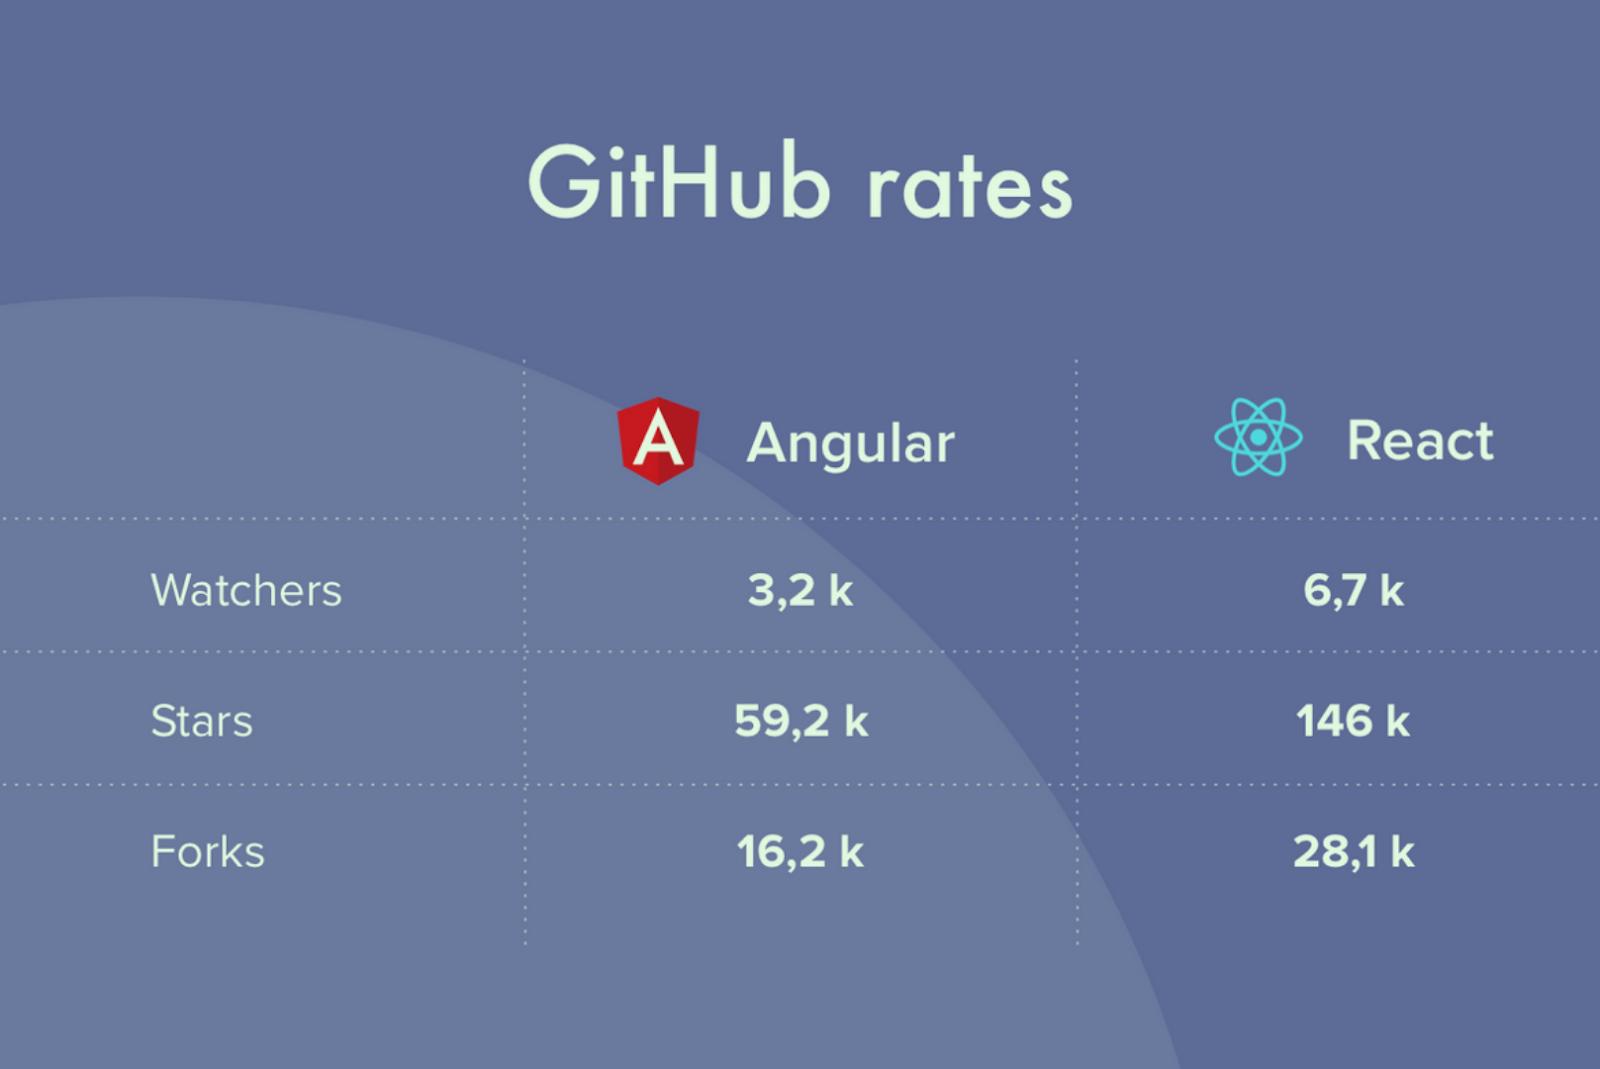 GitHub rates on Angular vs React